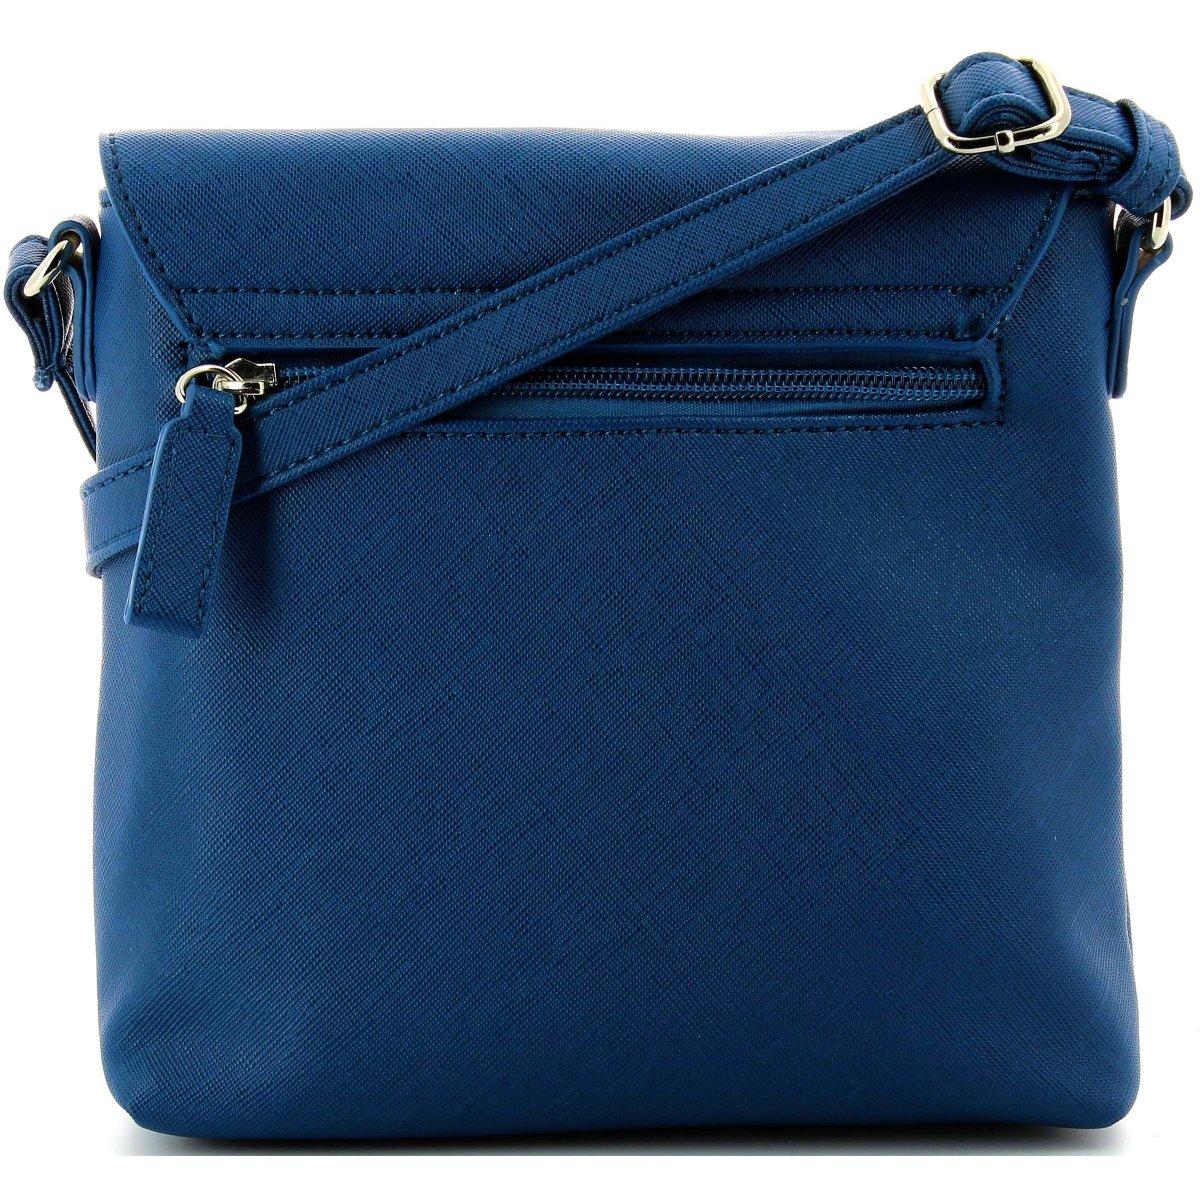 Sac main bandouli re les sacs de krlot fkg40001 couleur principale blue - Sac de ciment pas cher ...